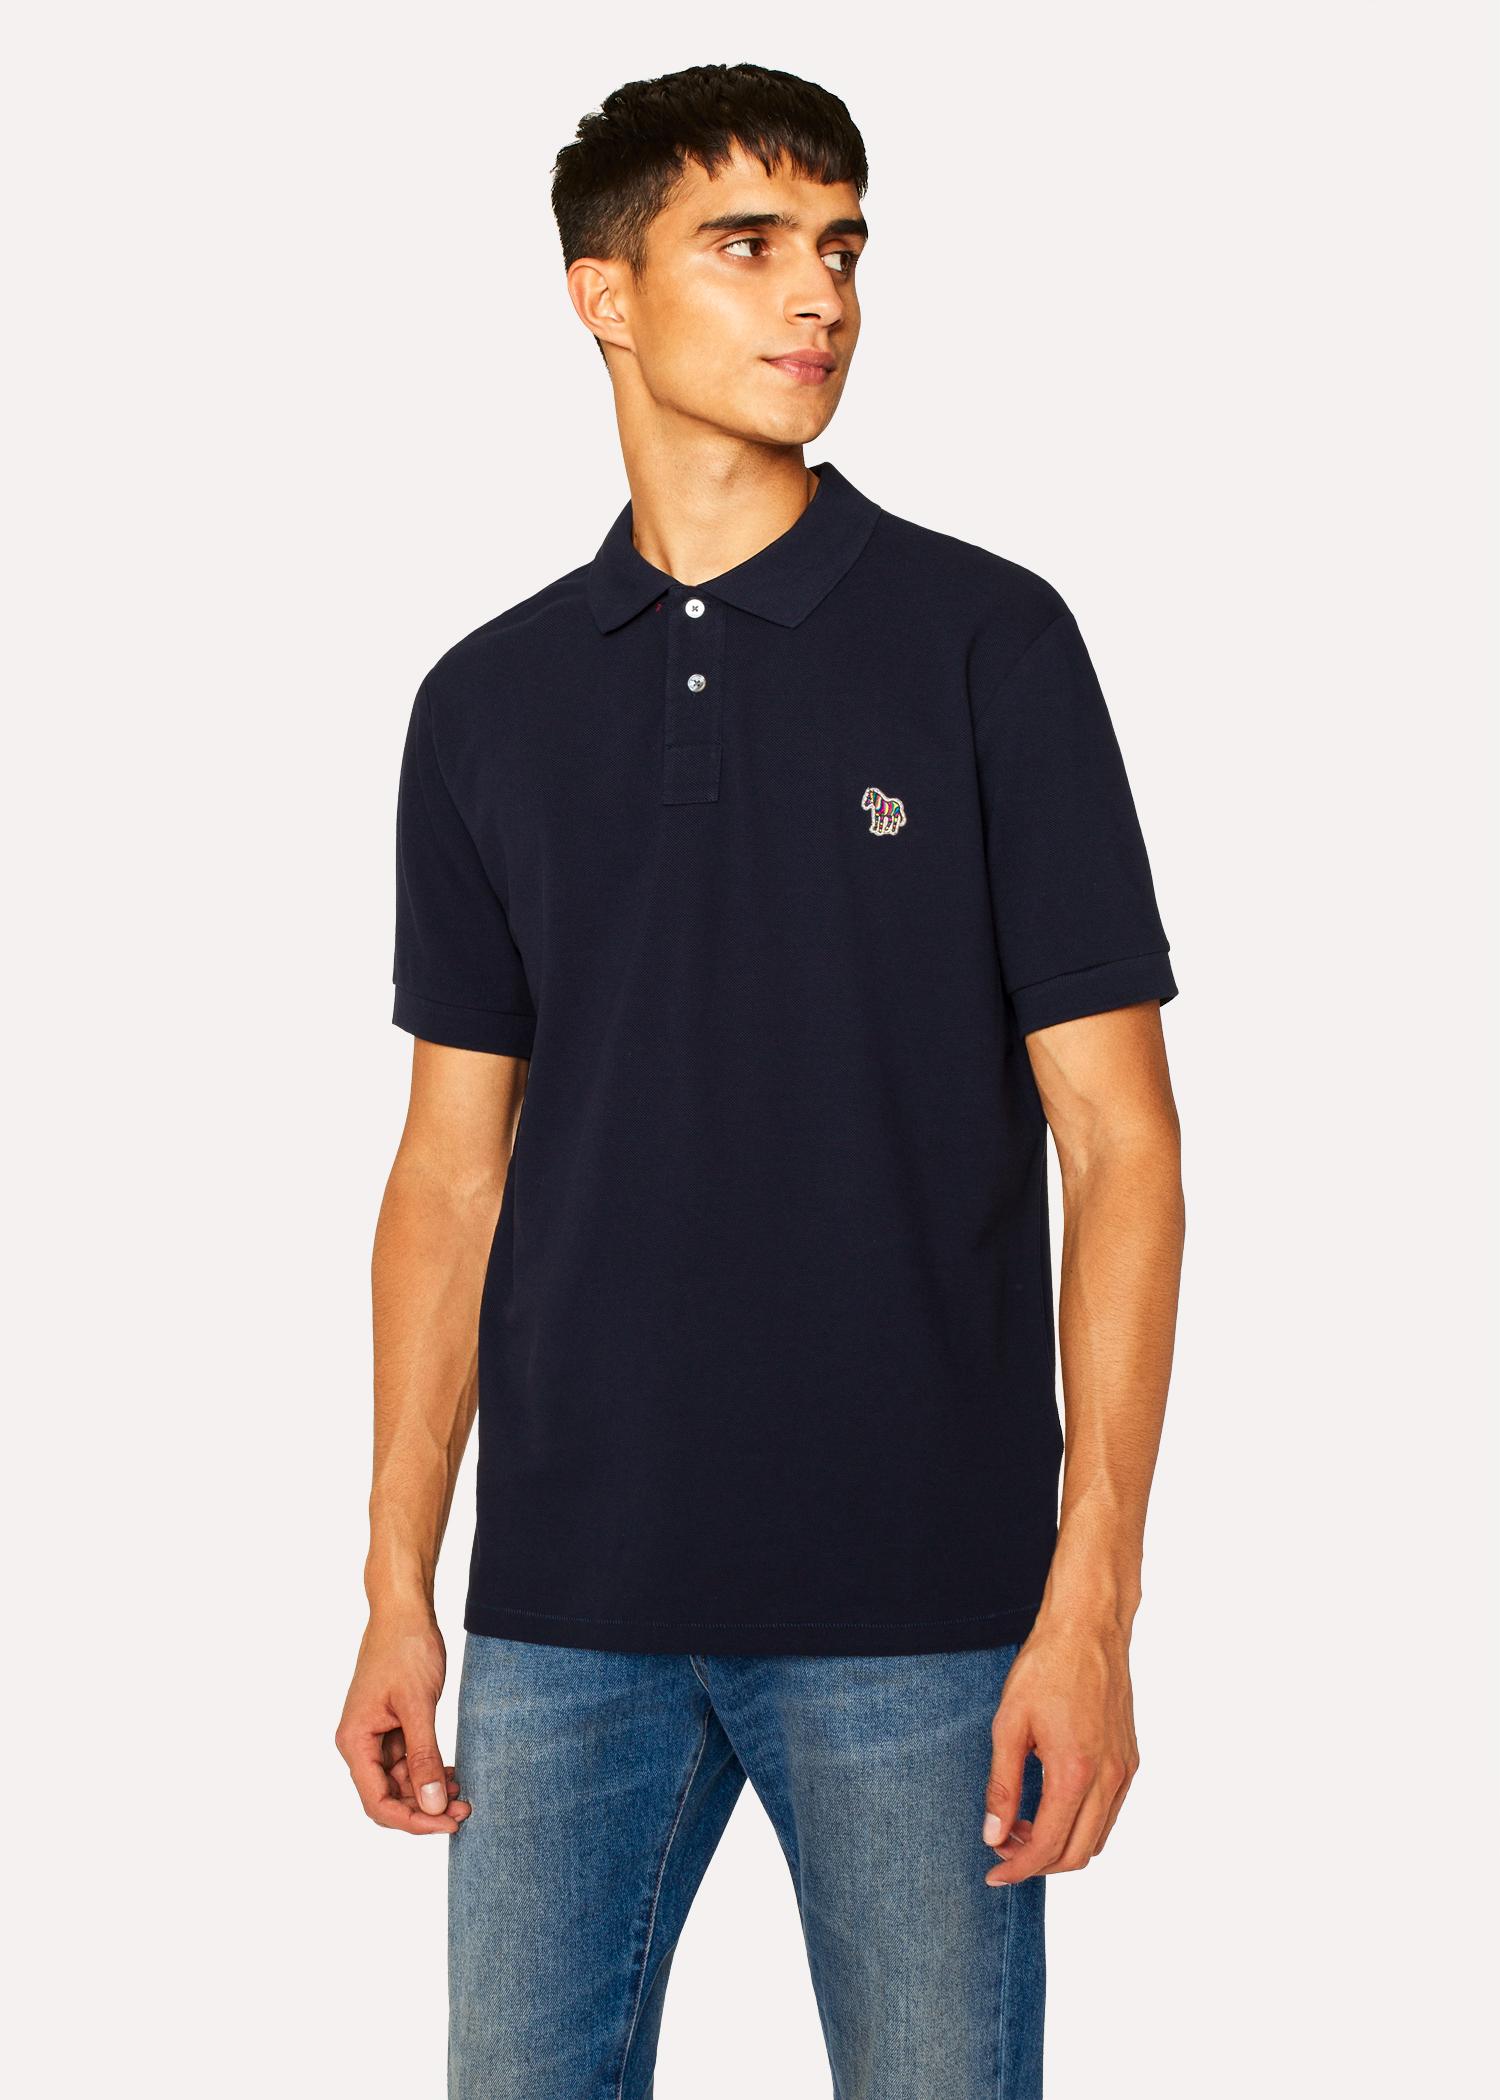 05a8b3dd45de97 Men's Dark Navy Organic Cotton-Piqué Zebra Logo Polo Shirt by Paul Smith